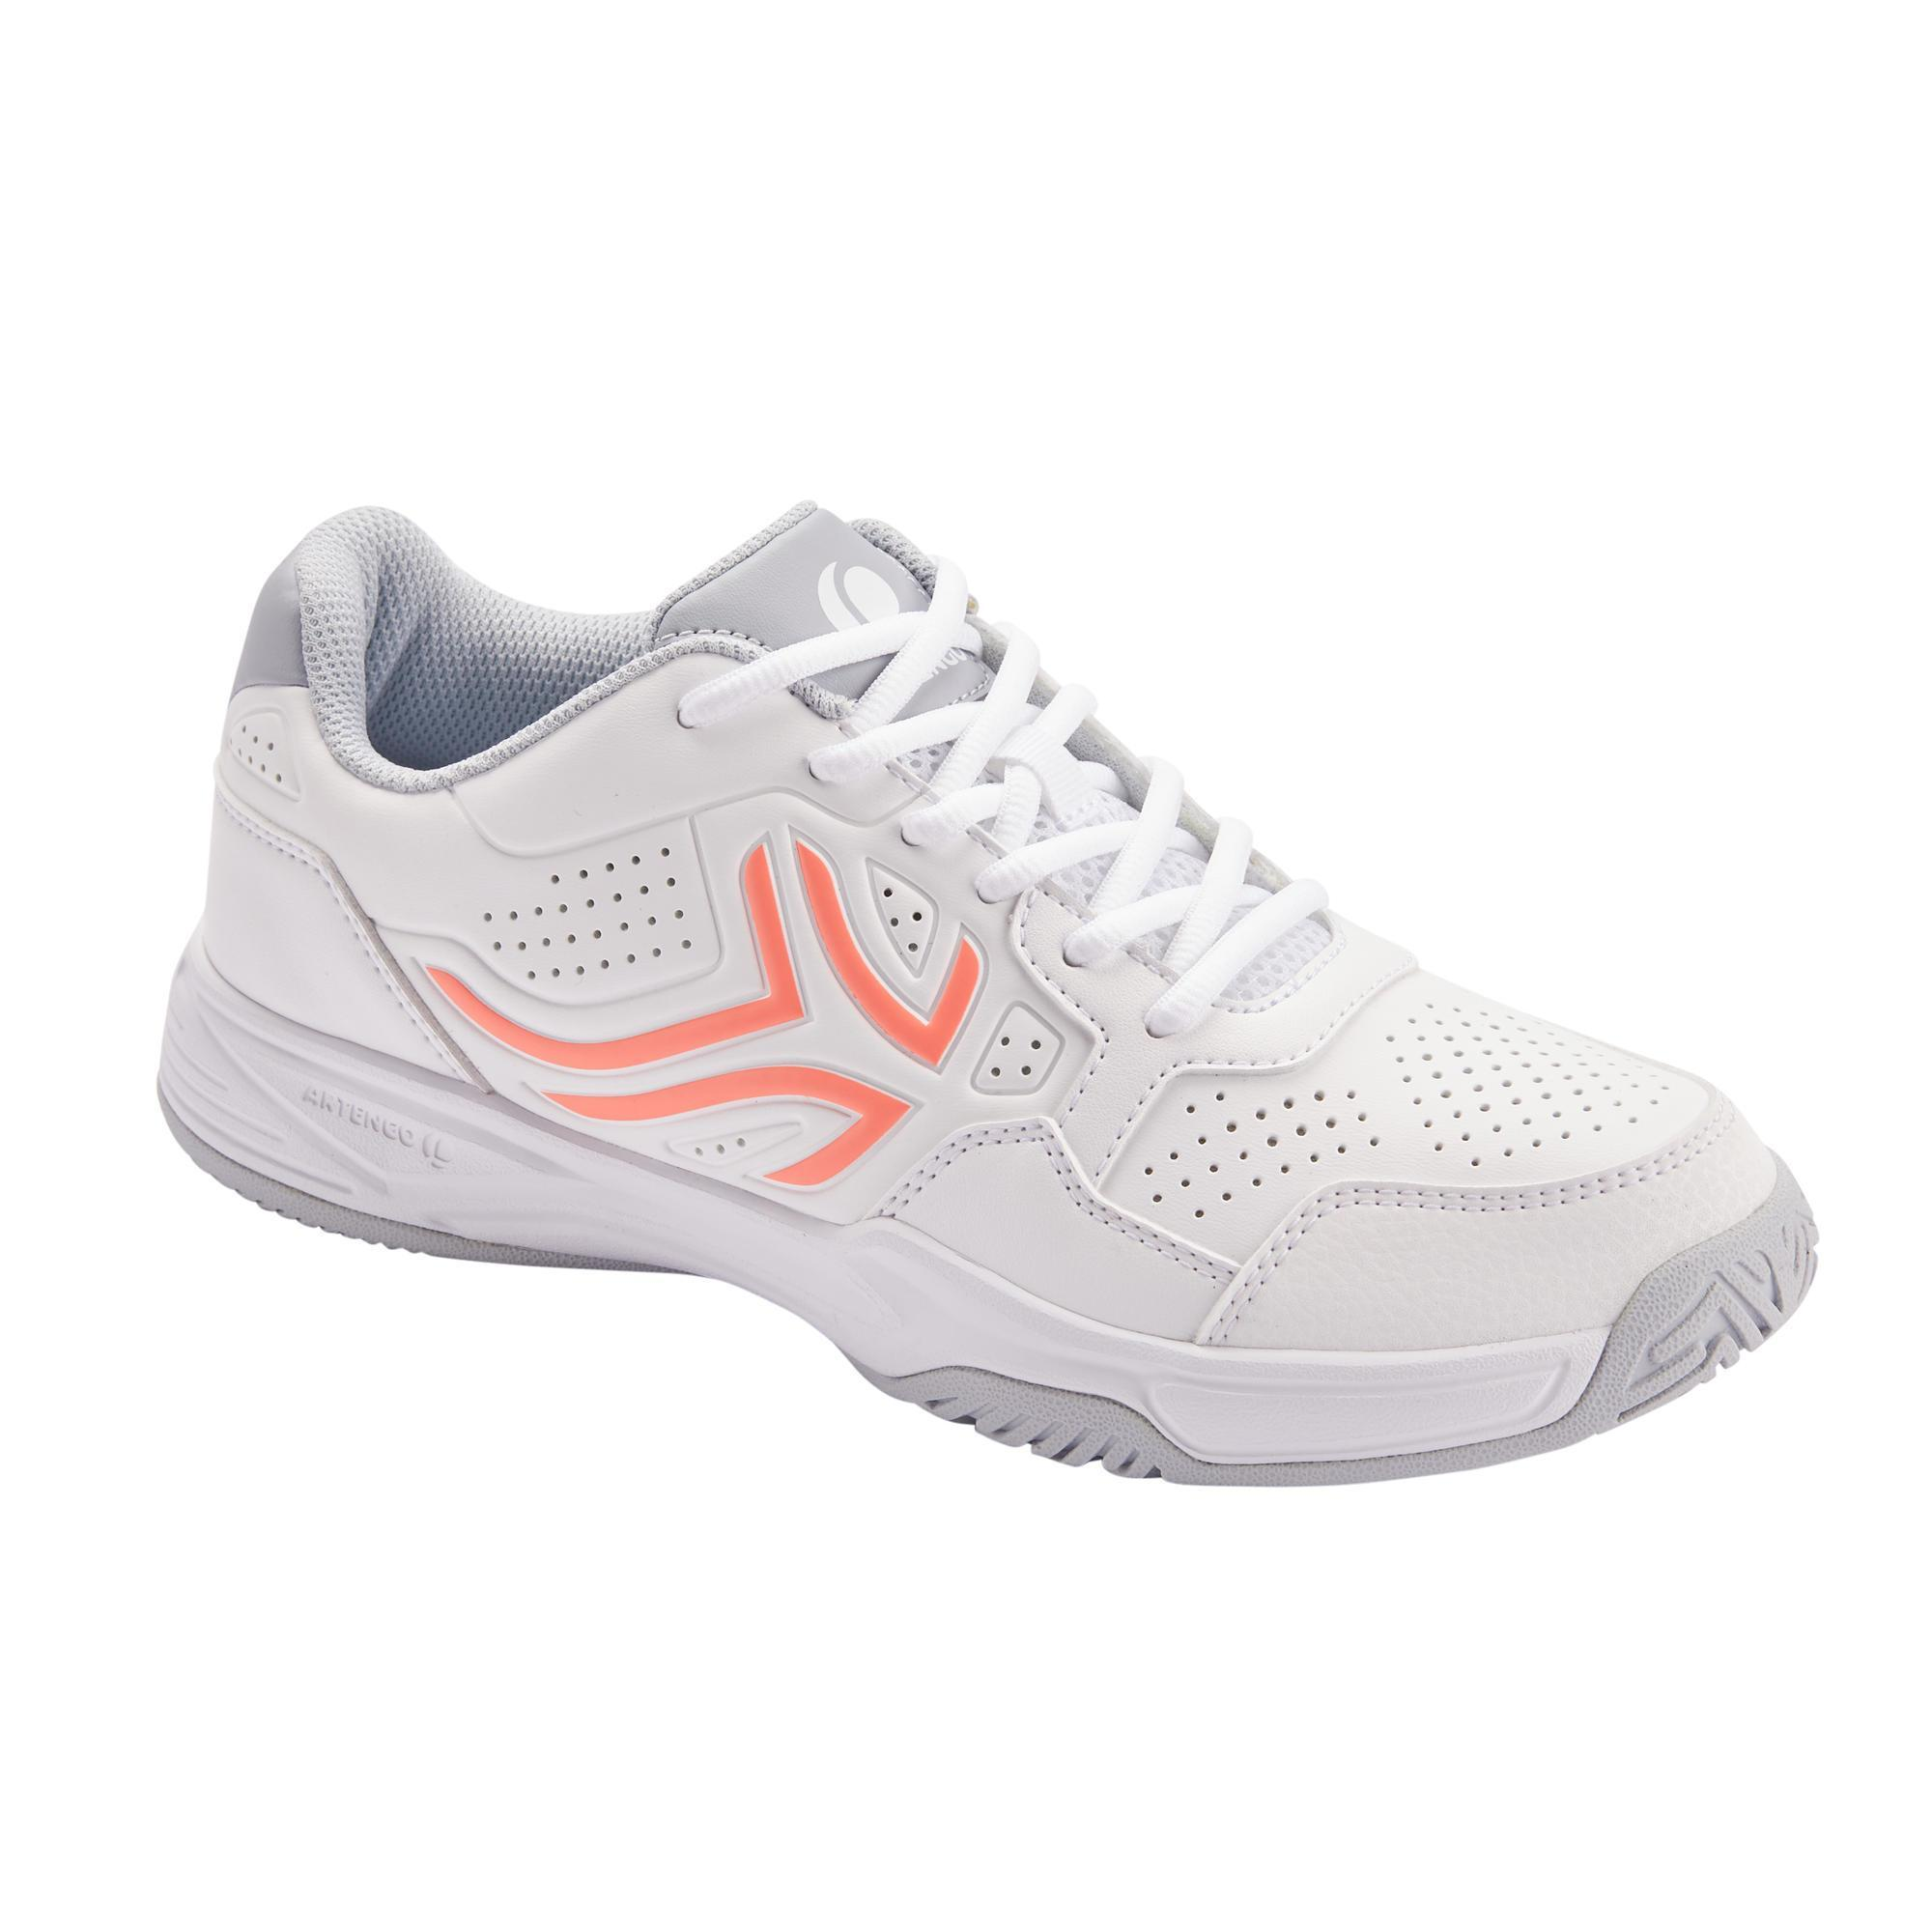 Artengo Tennisschoenen voor dames TS 190 wit